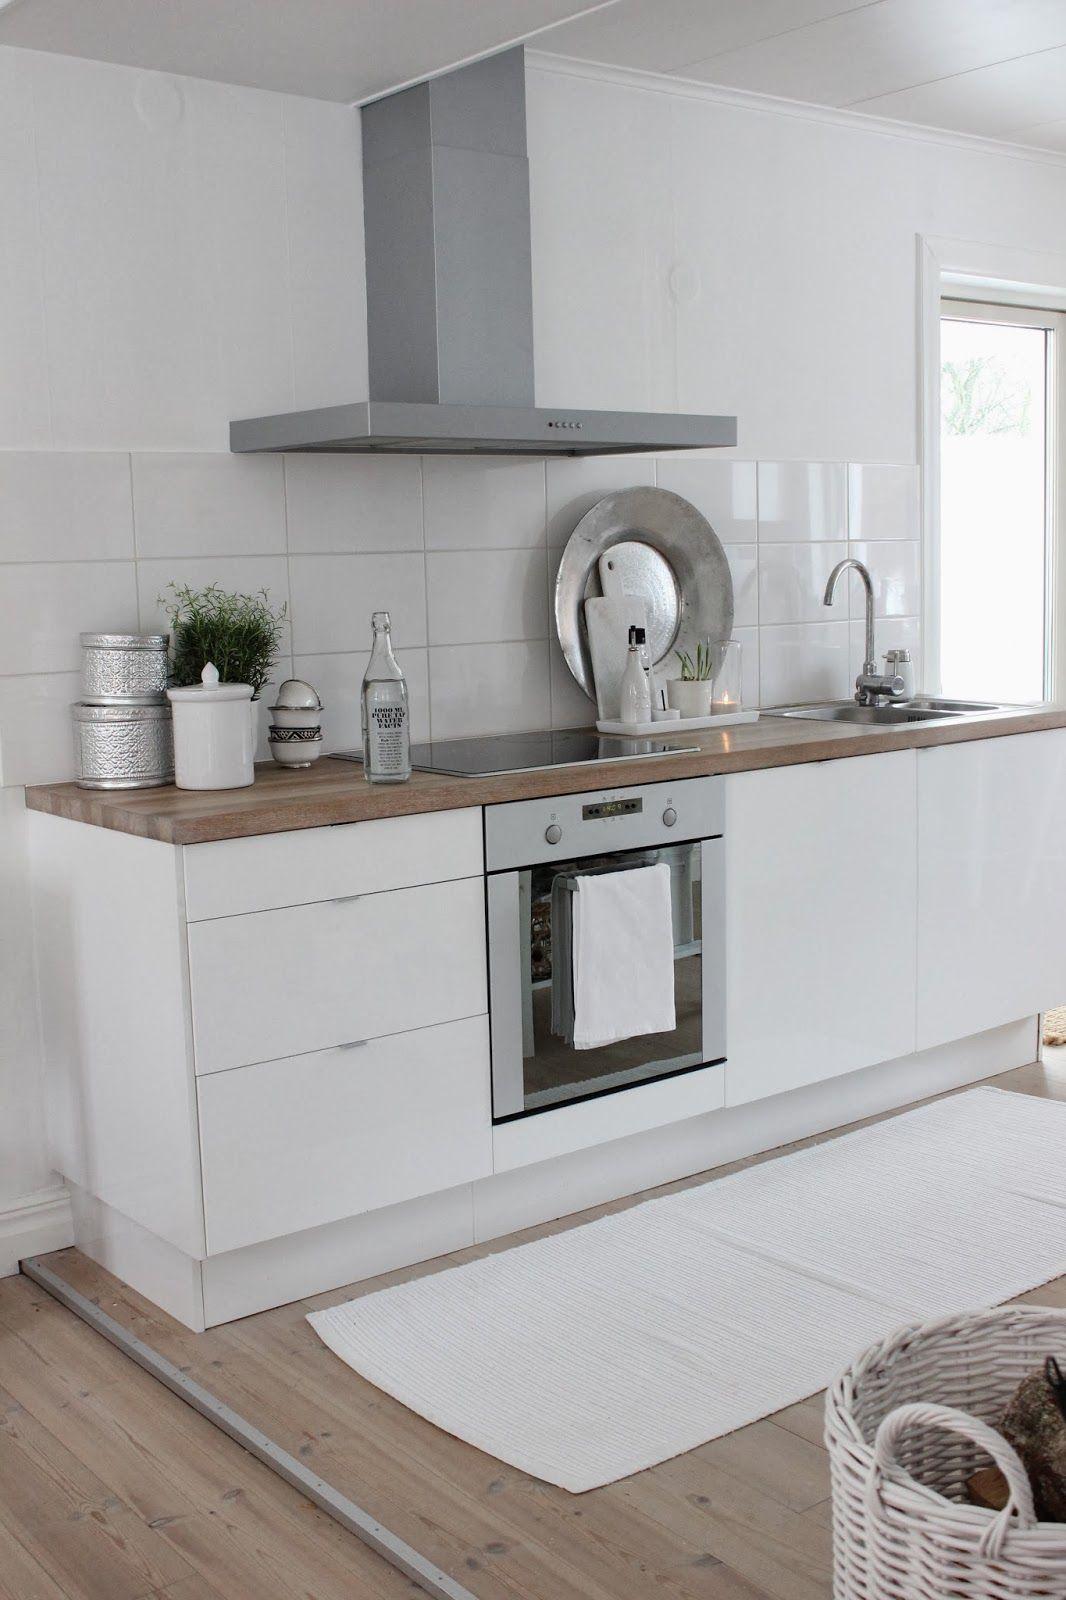 white kitchen light timber bench floating shelves near microwave rh pinterest com